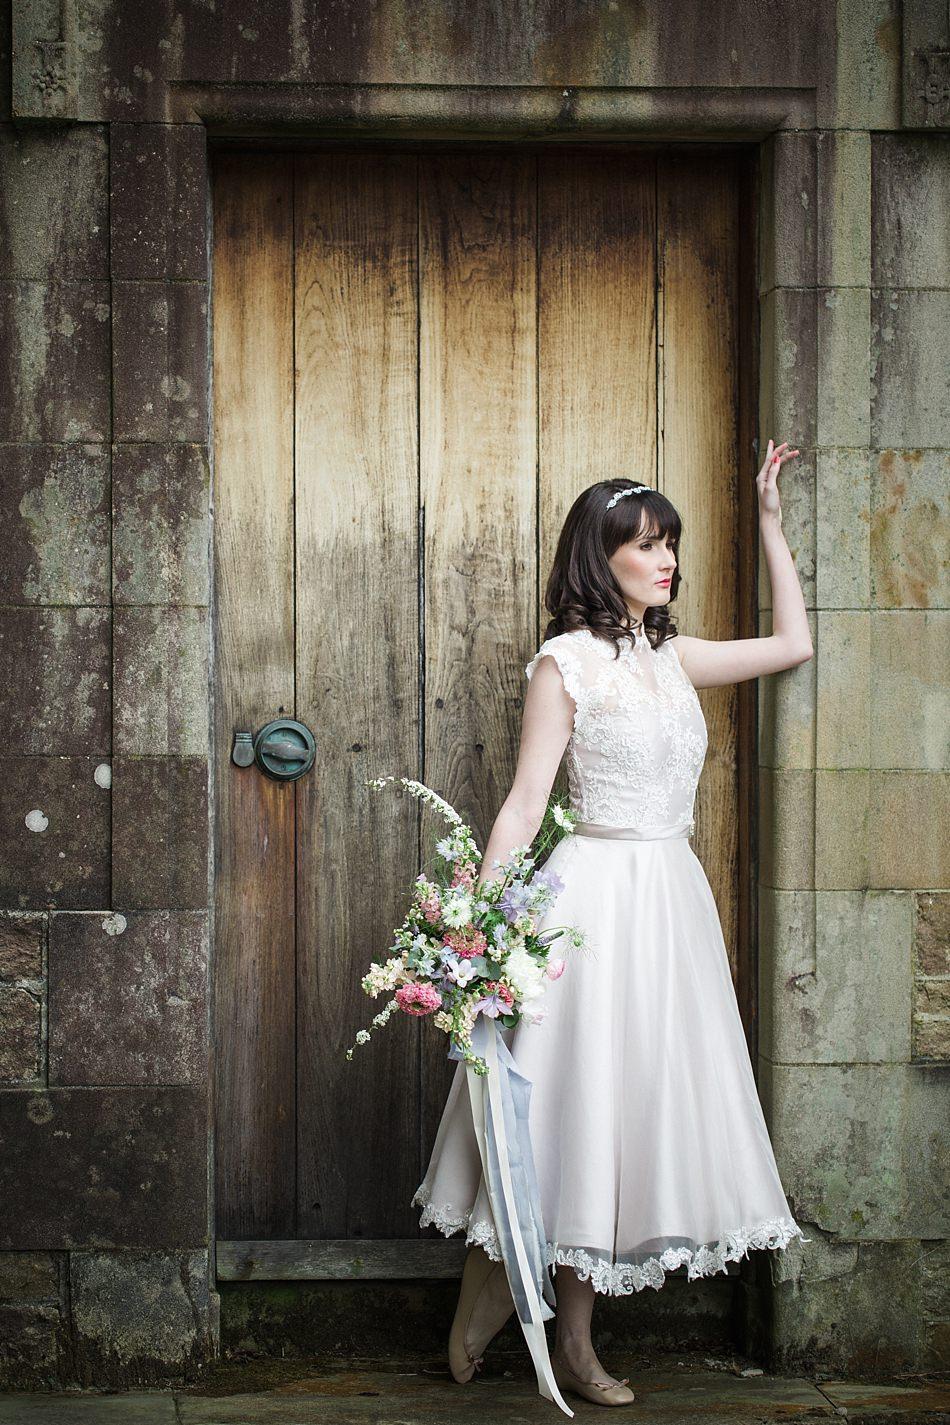 wedding ardkinglas Loch fyne 1-4.jpg